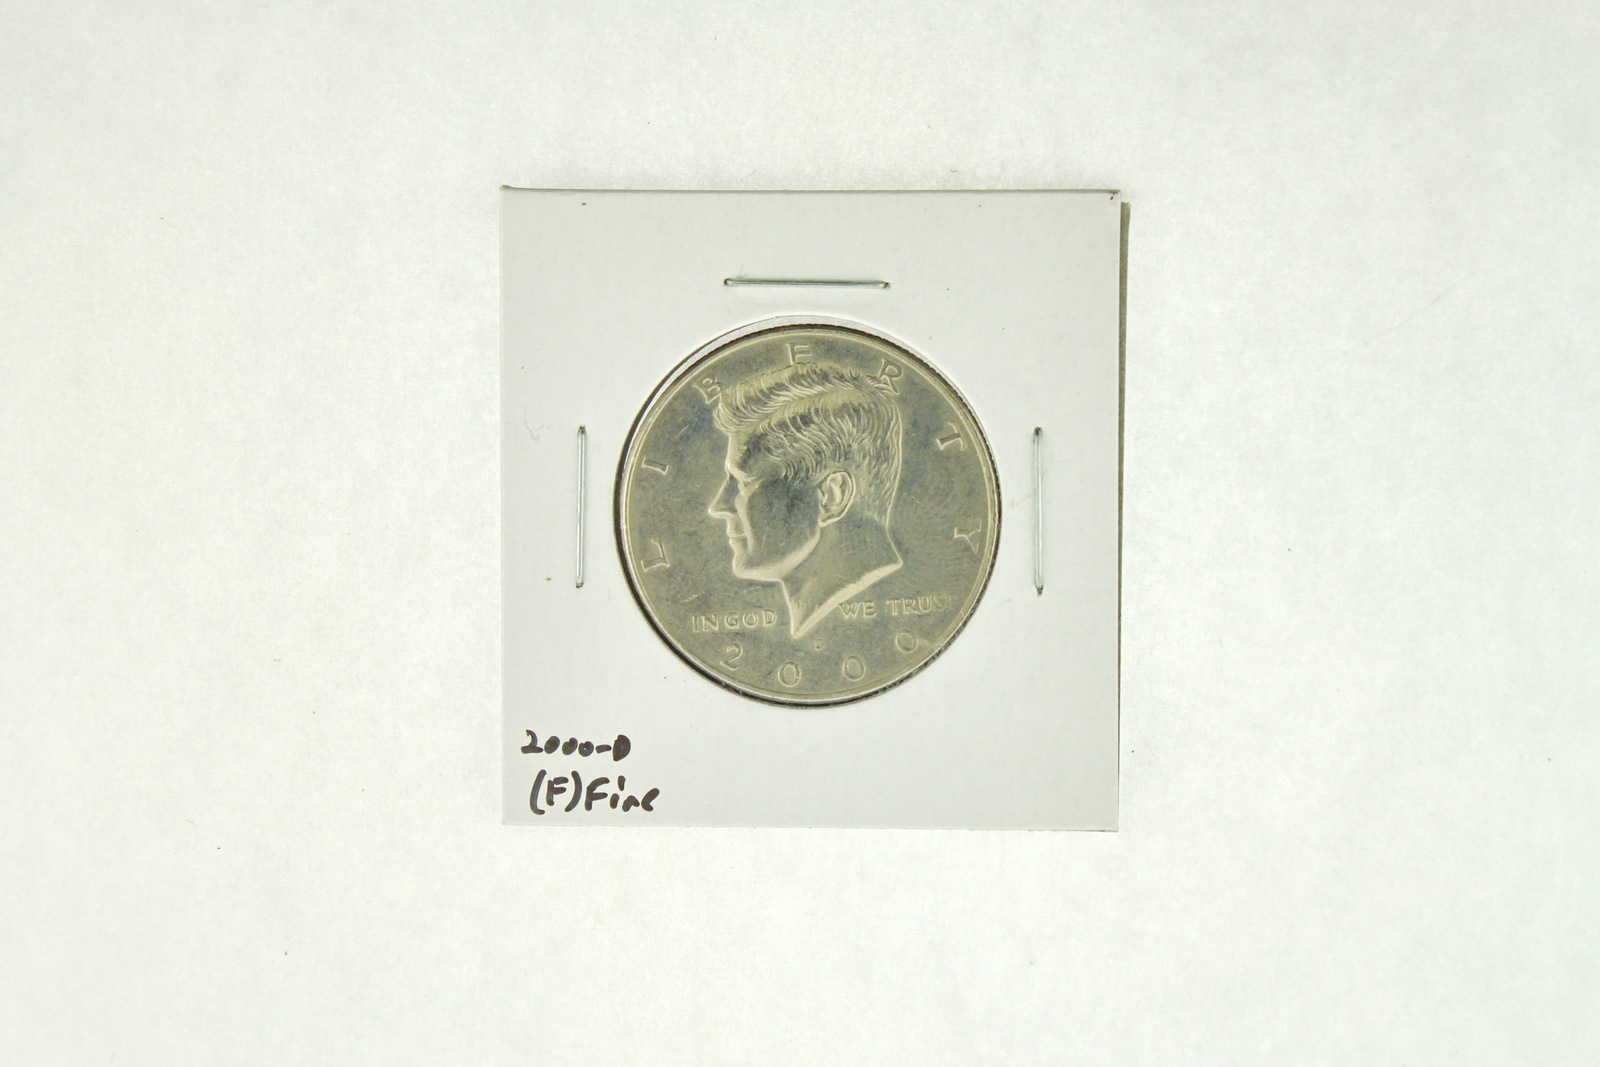 2000-D Kennedy Half Dollar (F) Fine N2-4008-4